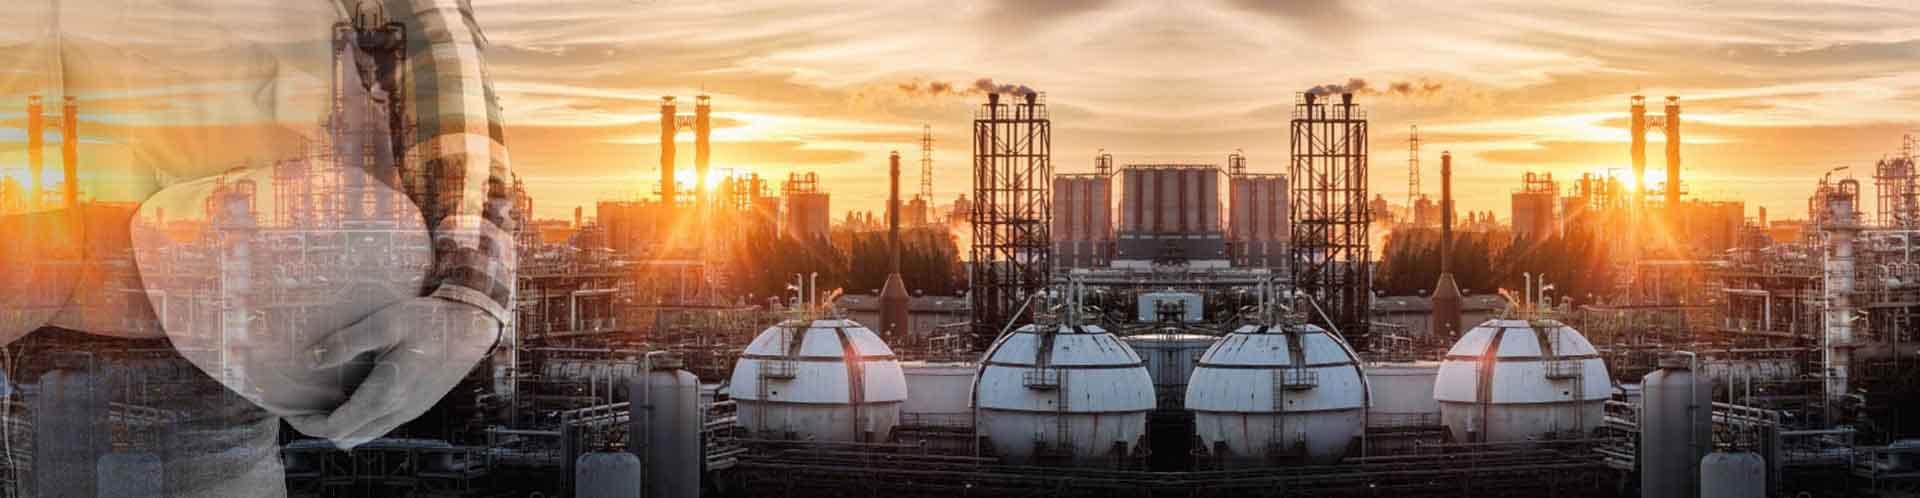 سازمان صنعت، معدن و تجارت استان آذربایجان غربی